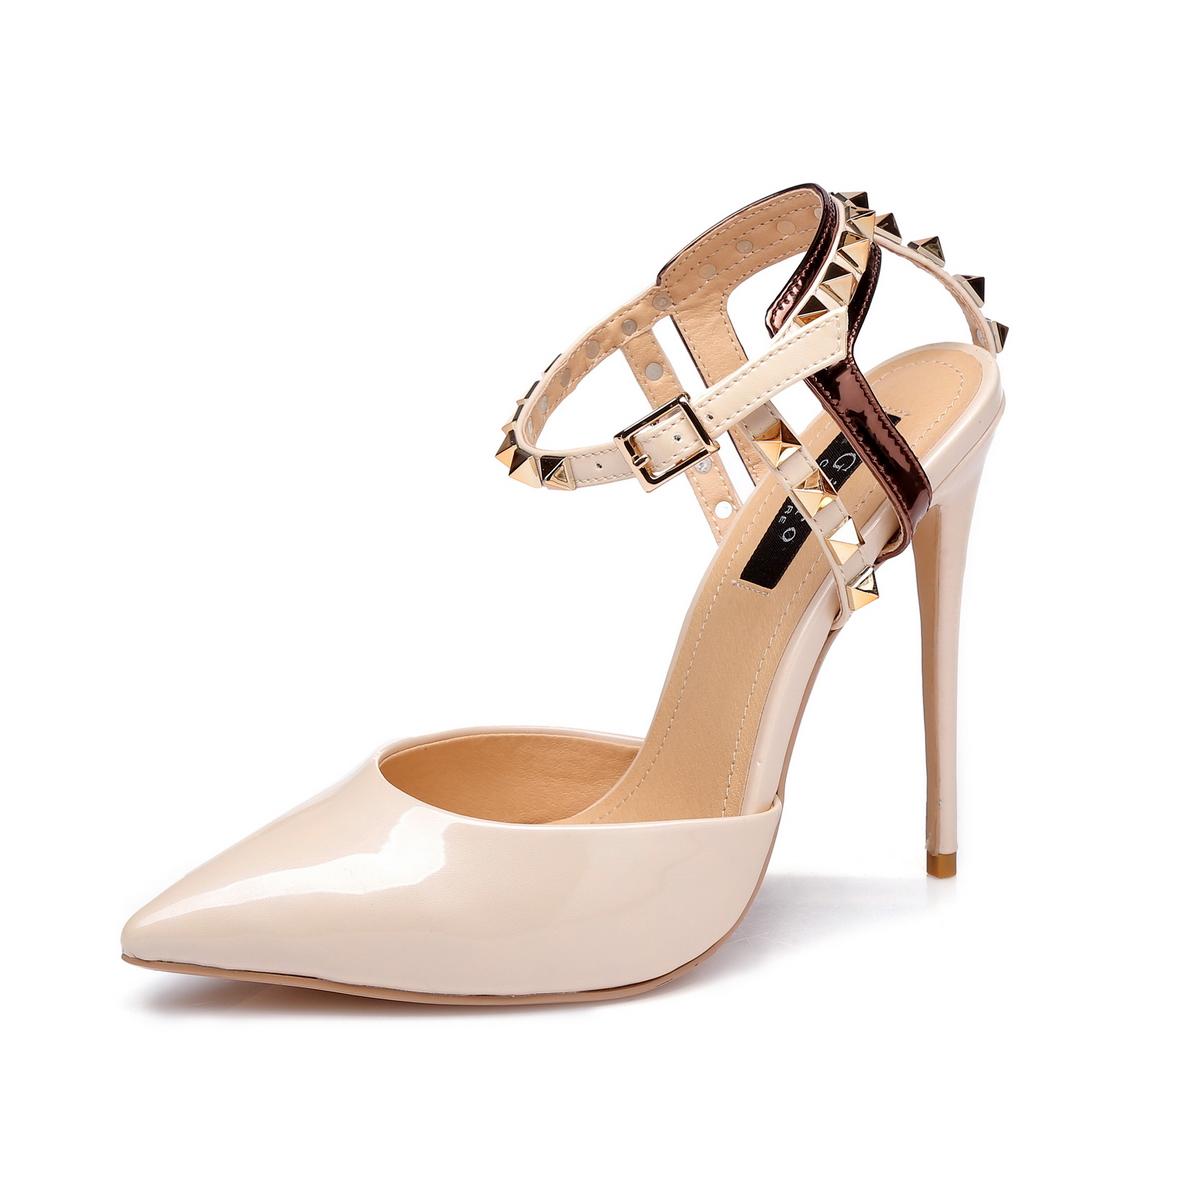 GIARO - Damen High Heel - Beige Schuhe in Übergrößen – Bild 1